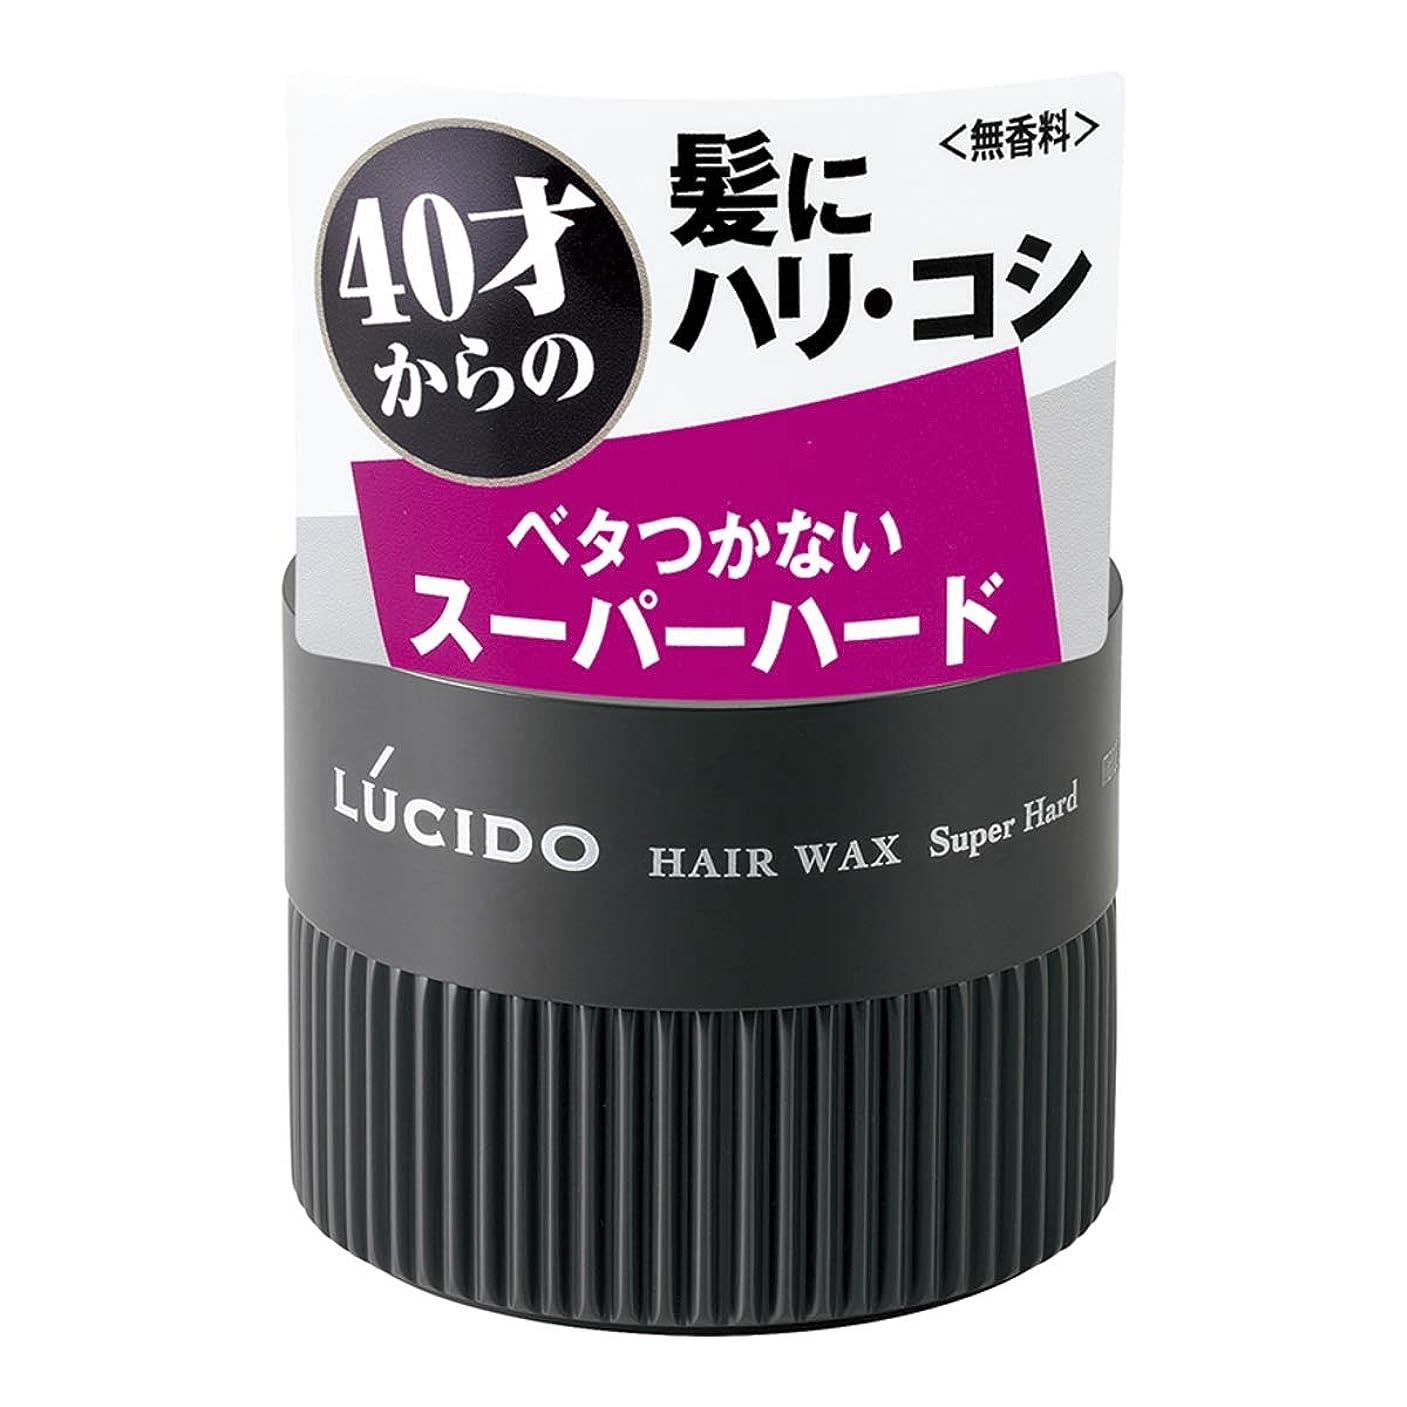 階下団結朝LUCIDO(ルシード) ヘアワックス スーパーハード 80g